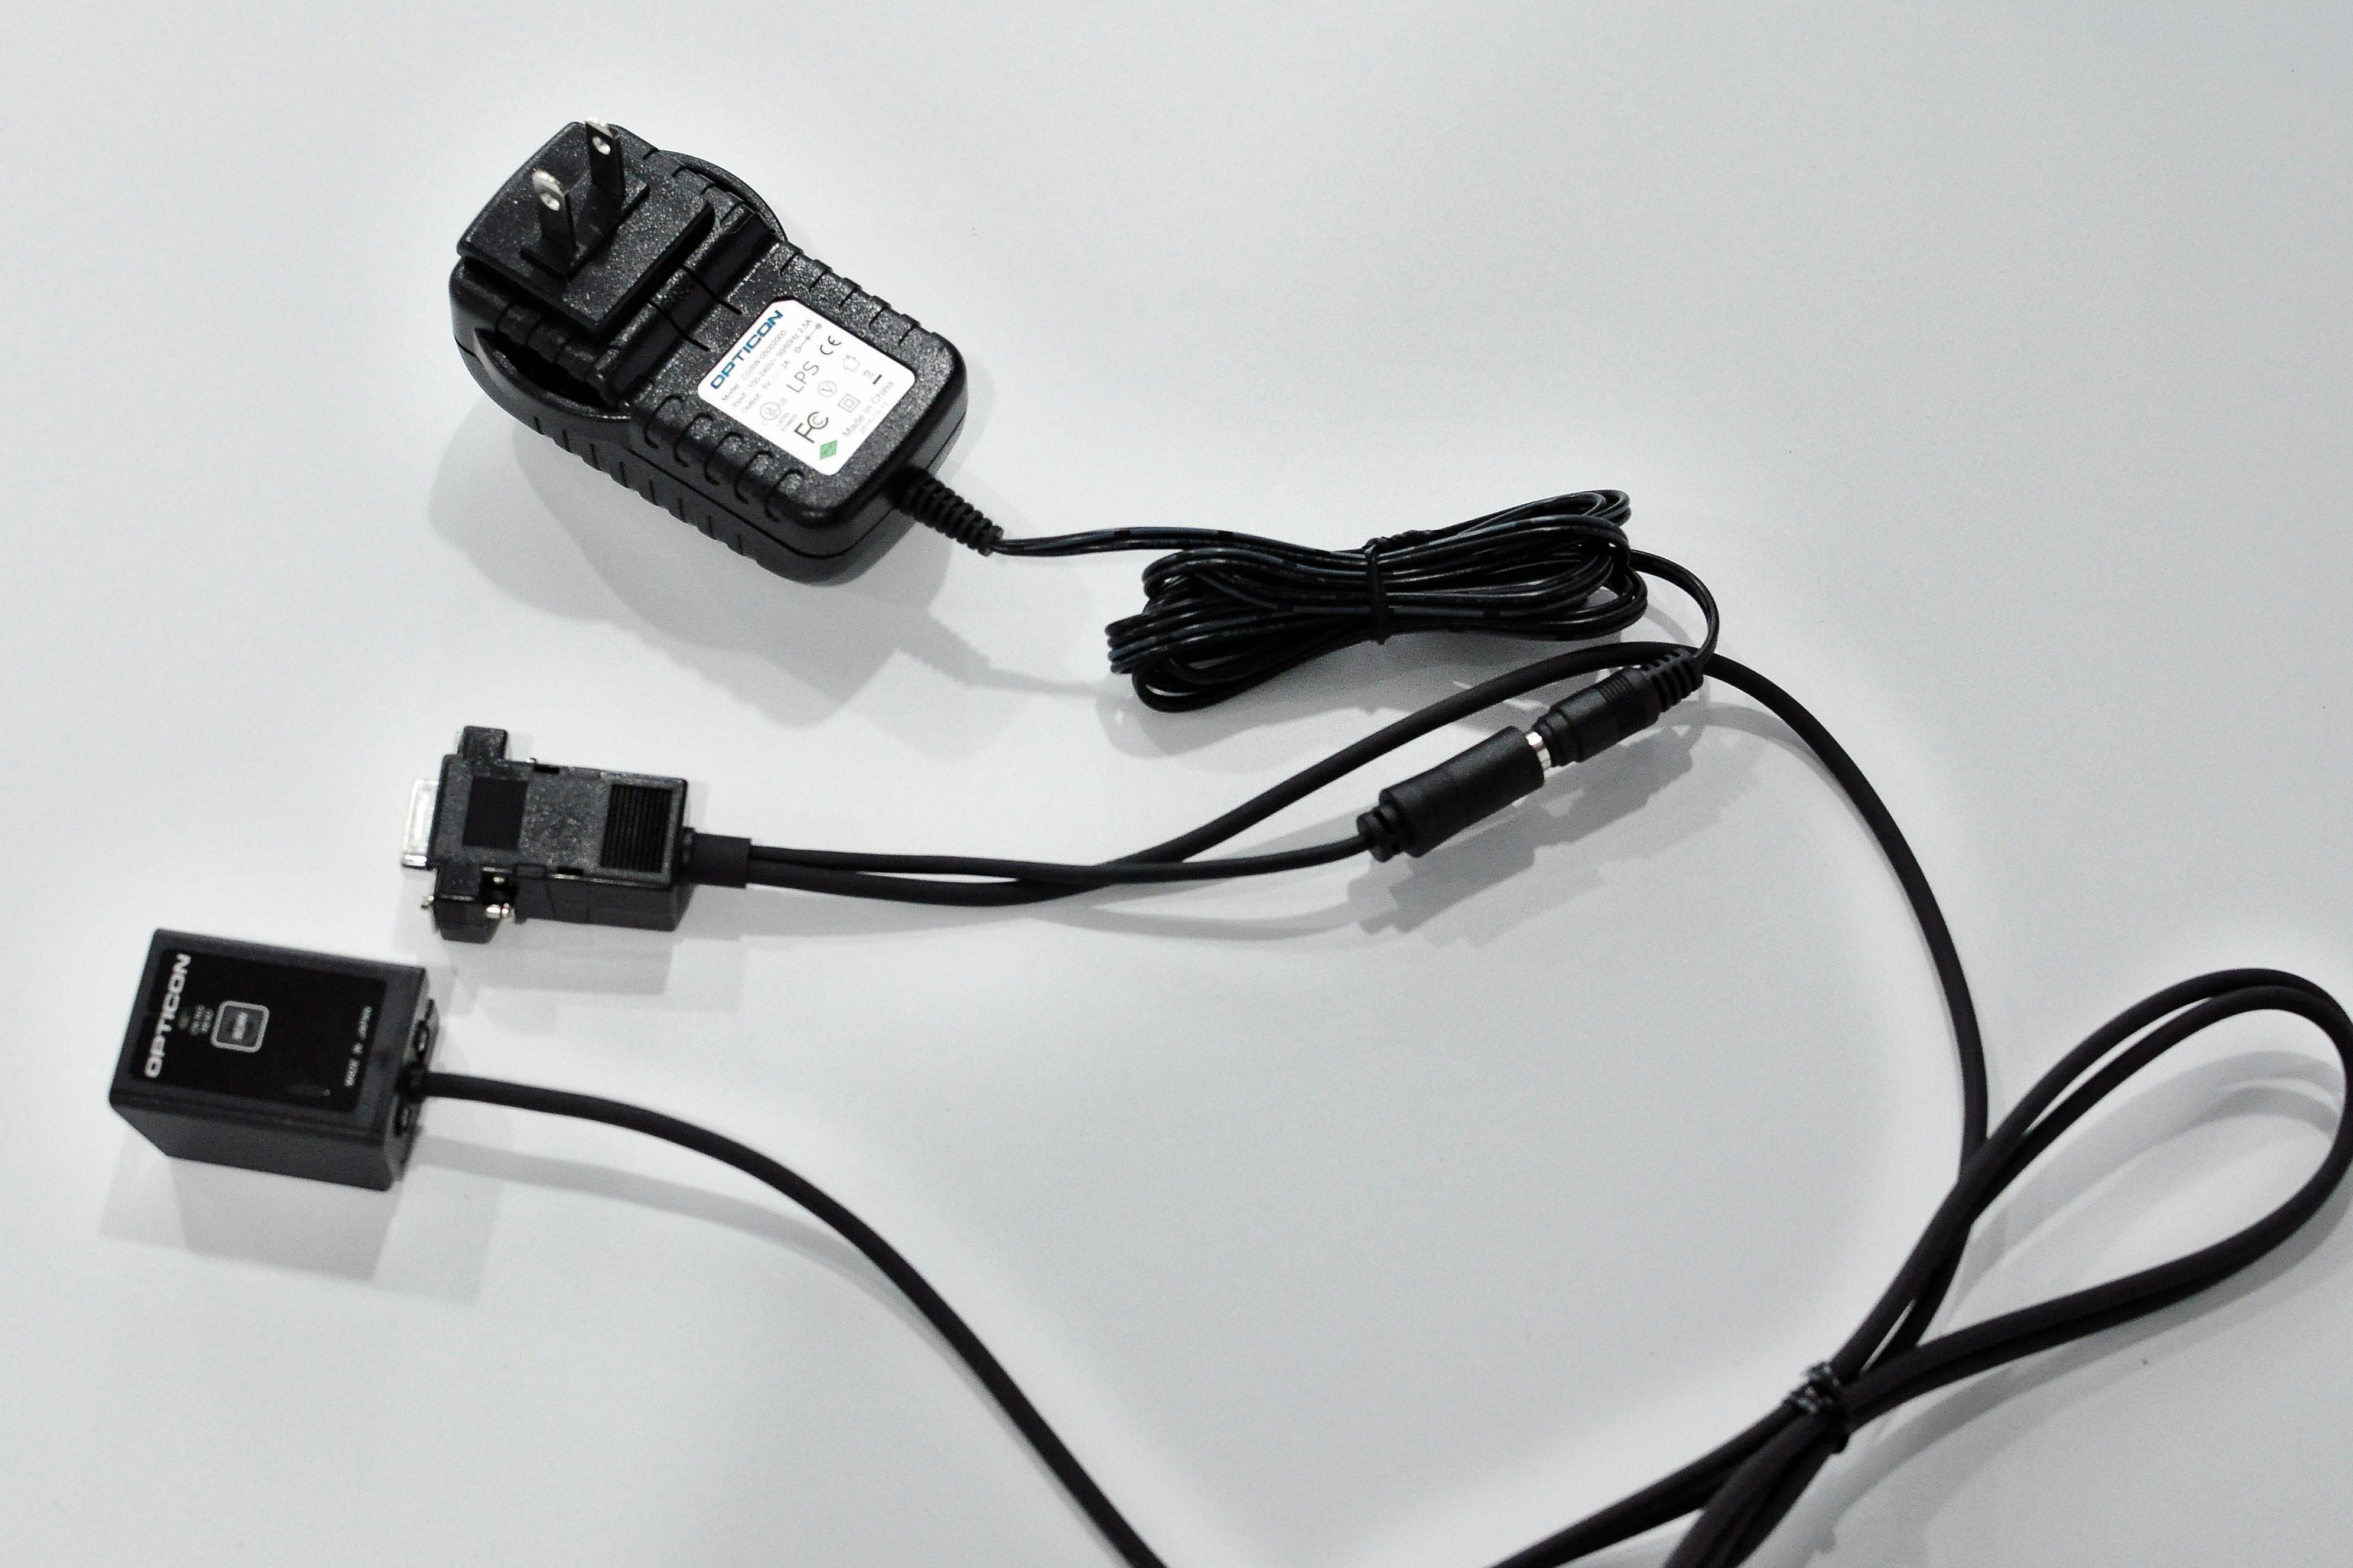 Máy đọc mã vạch băng chuyền Opticon NLV-1001-RS232 (Hàng chính hãng)